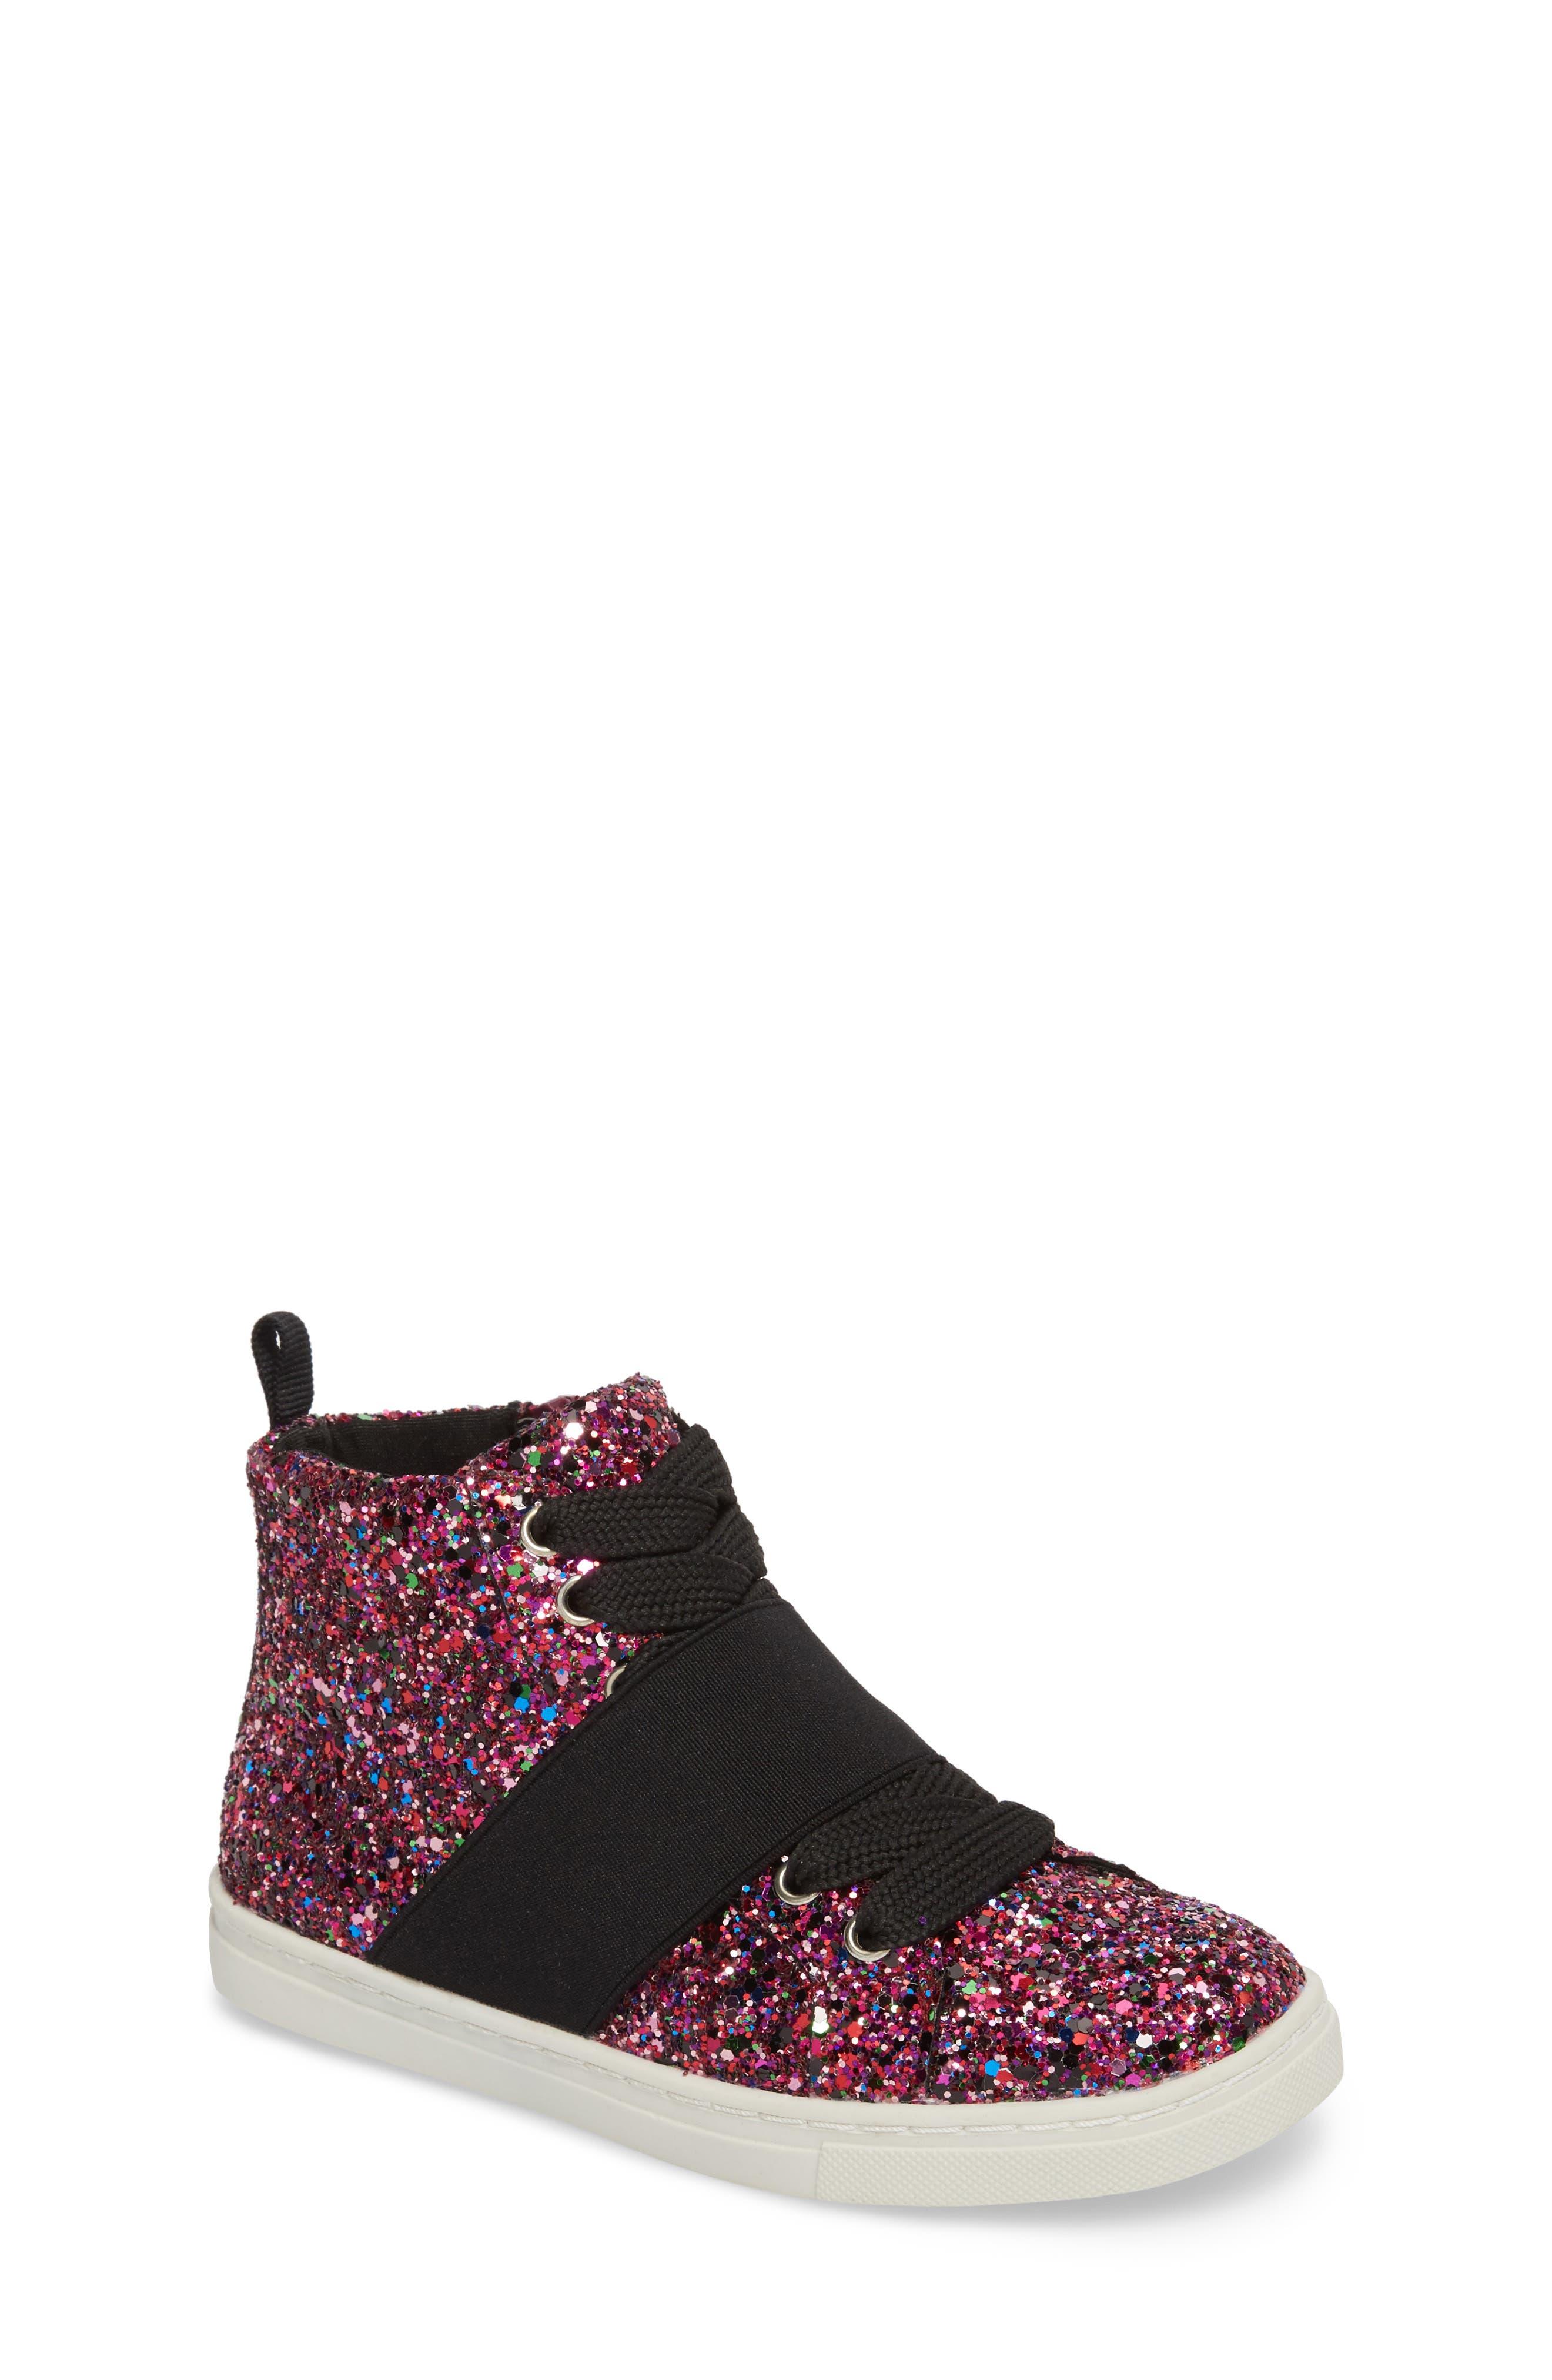 Zoa High Top Sneaker,                         Main,                         color, Fuchsia Glitter